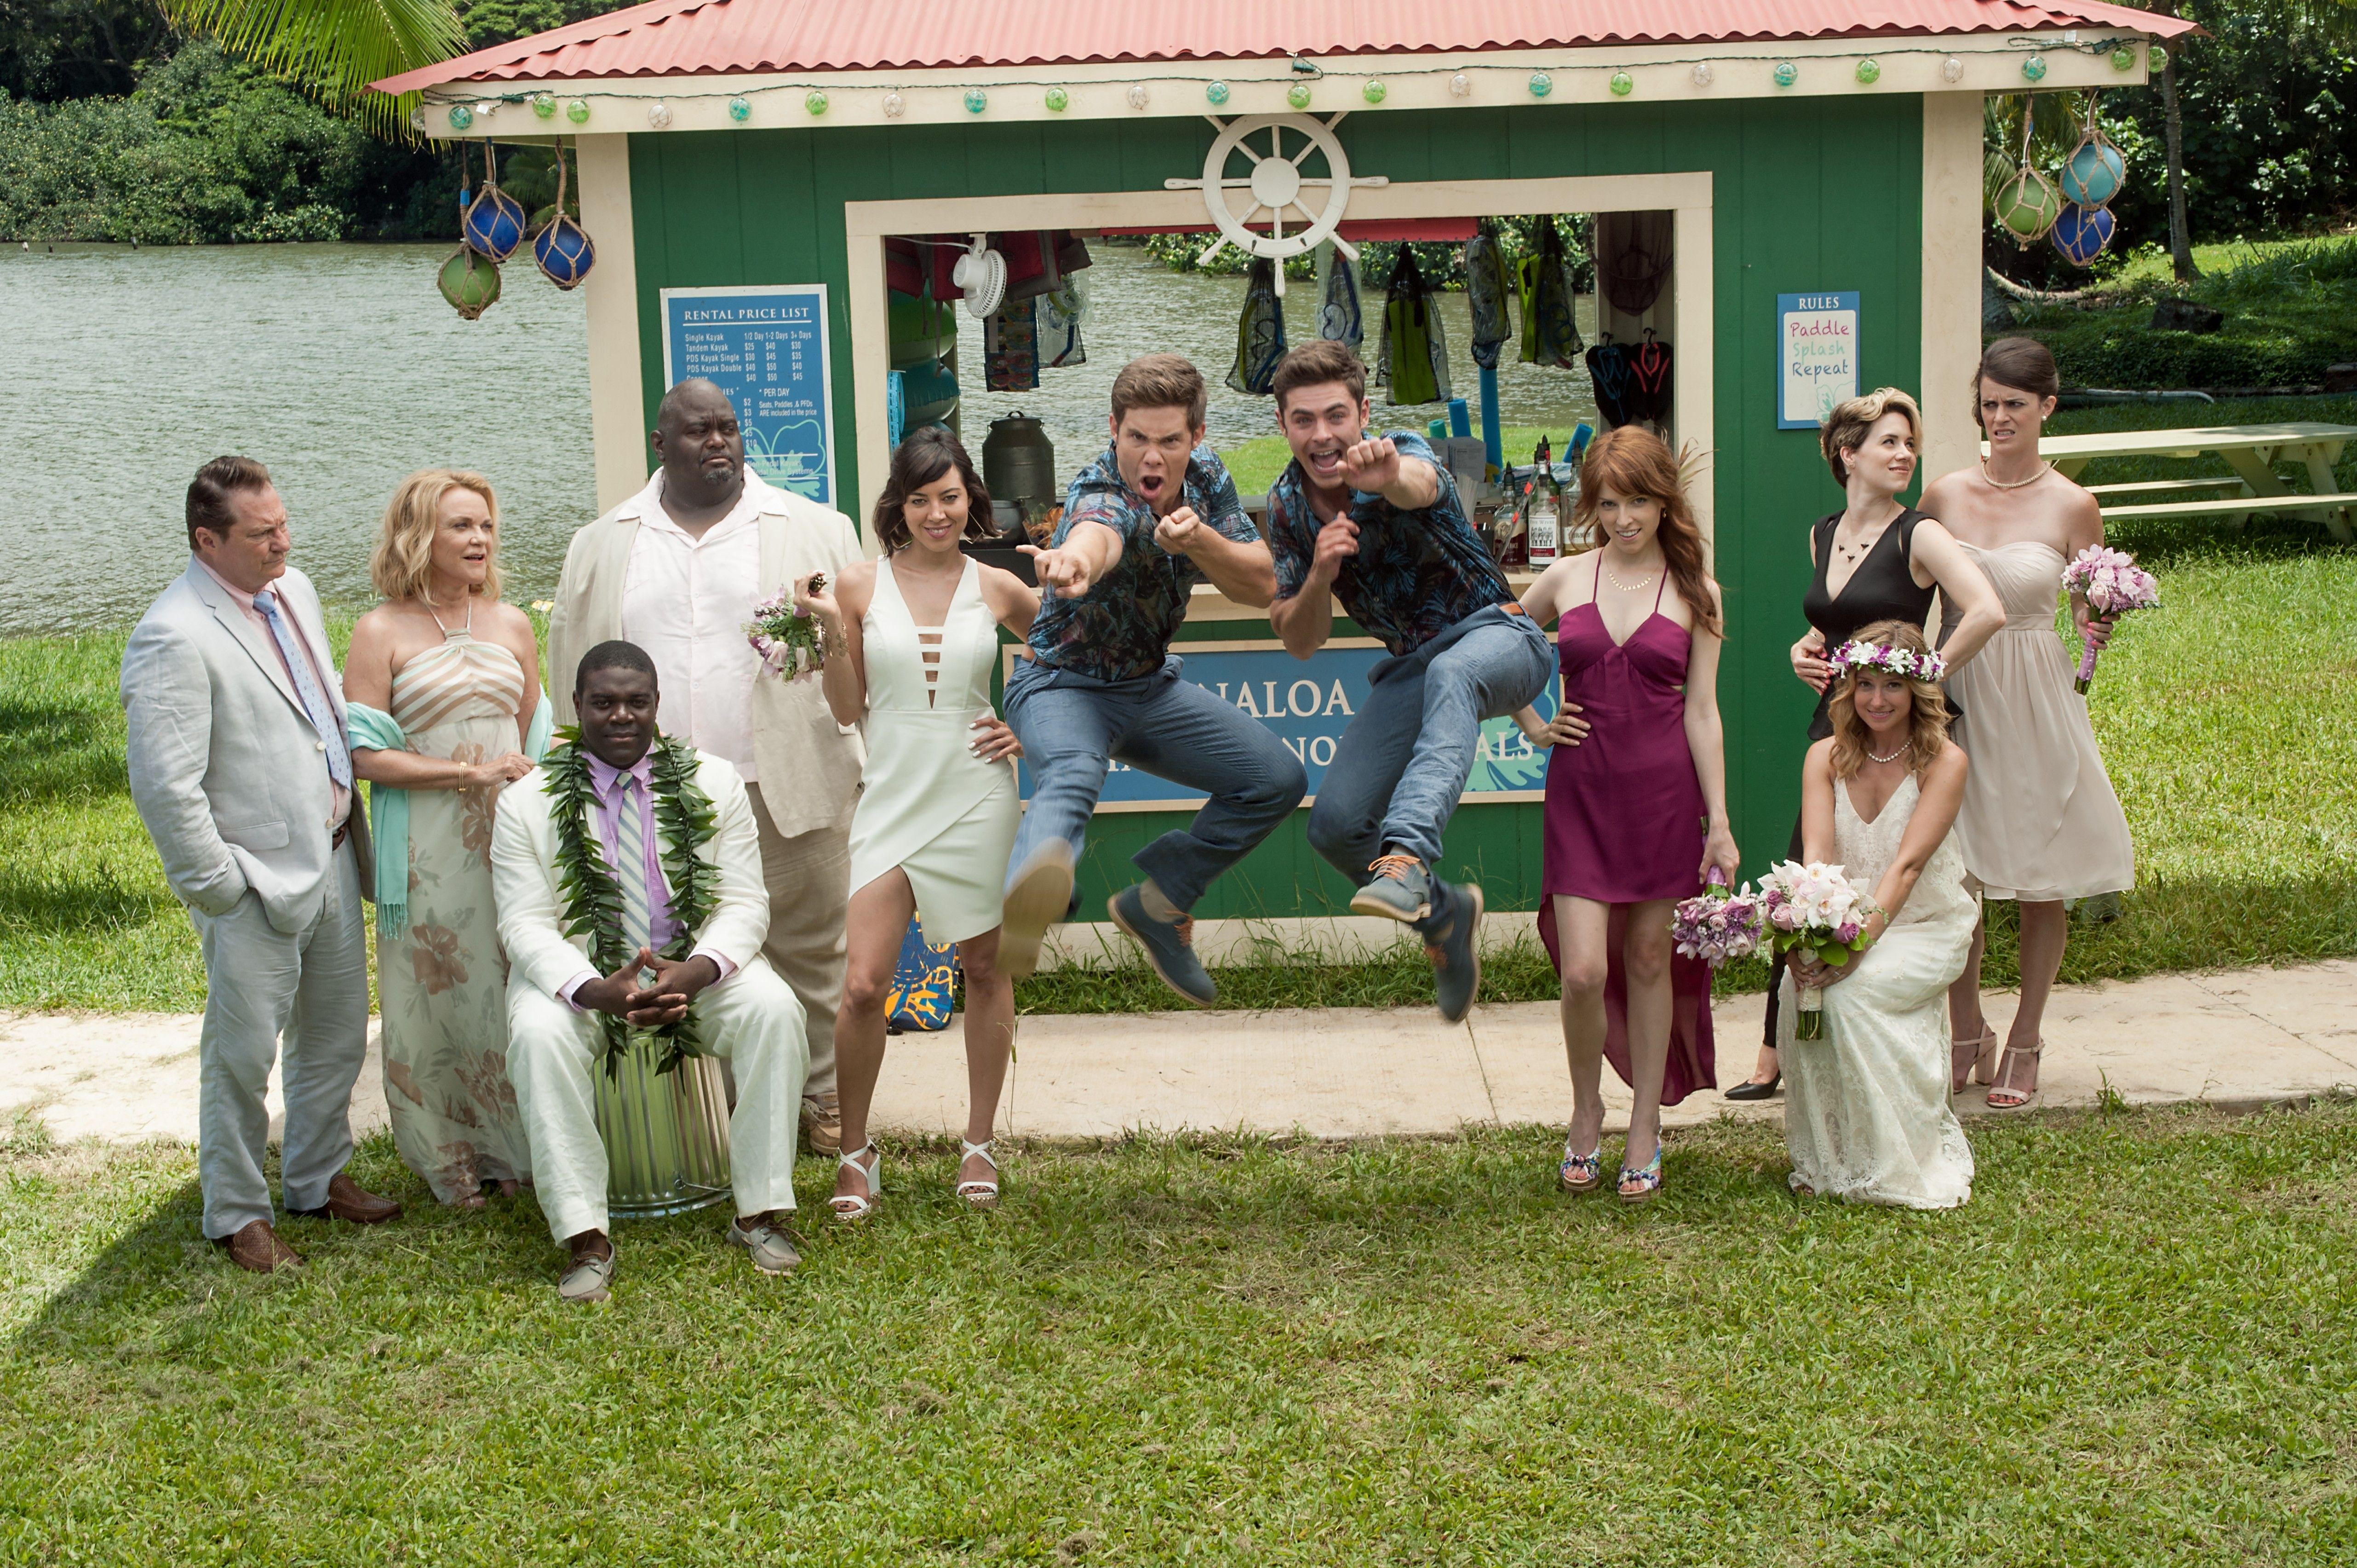 свадебный угар 2016 в хорошем качестве смотреть